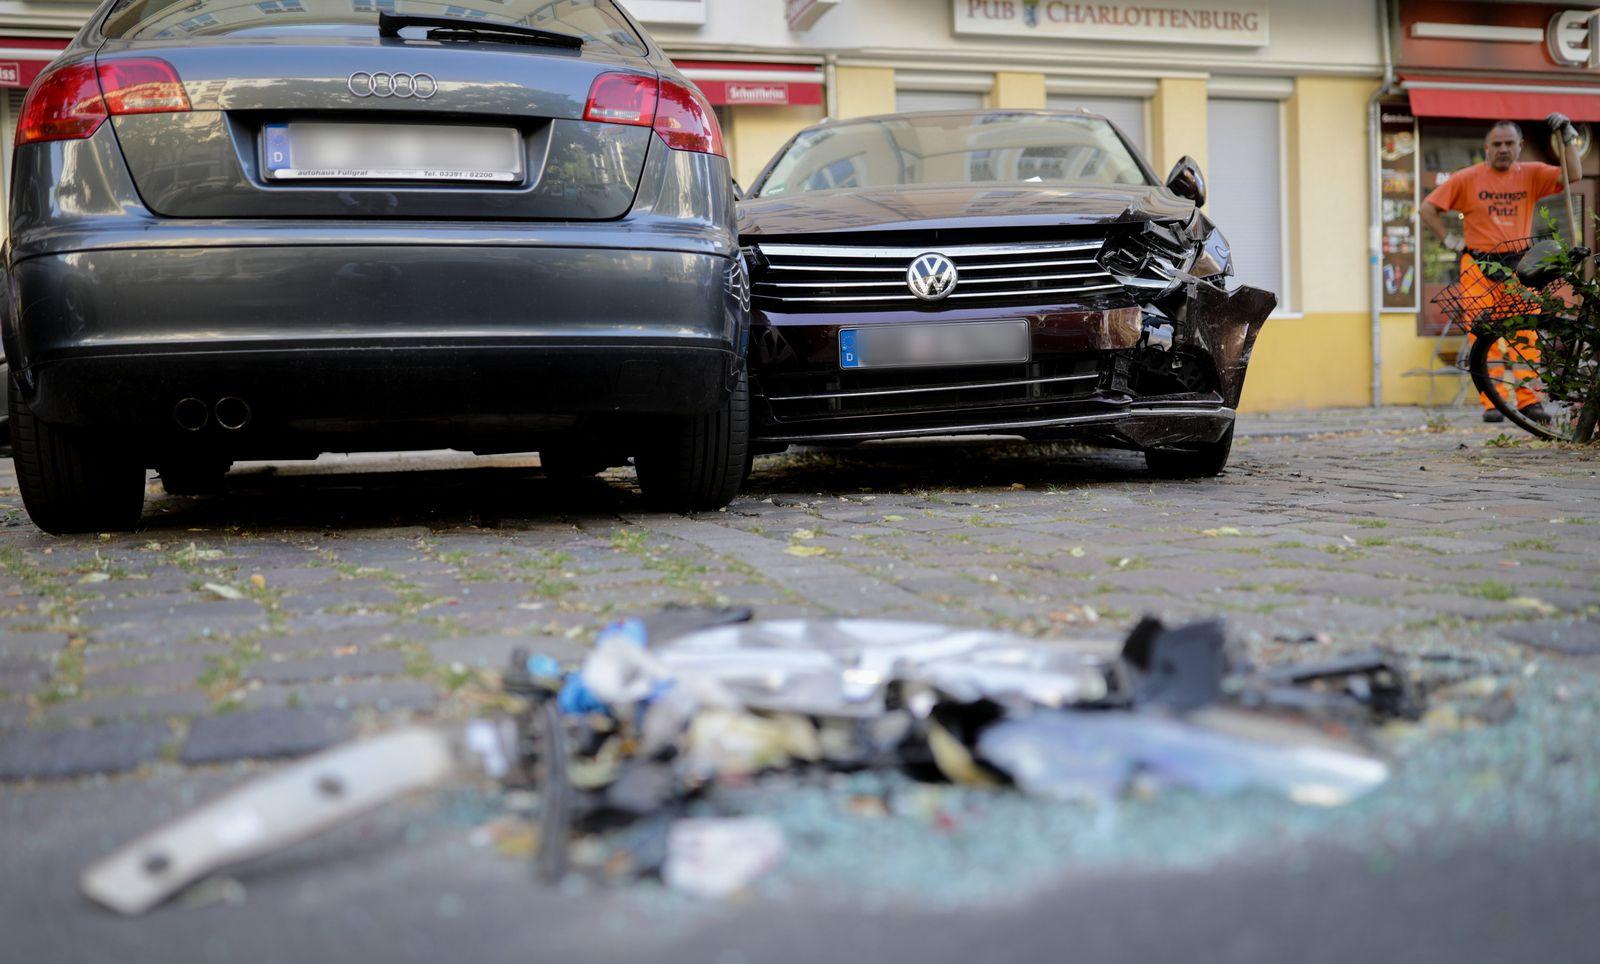 Radlerin bei Verfolgungsjagd in Berlin getötet